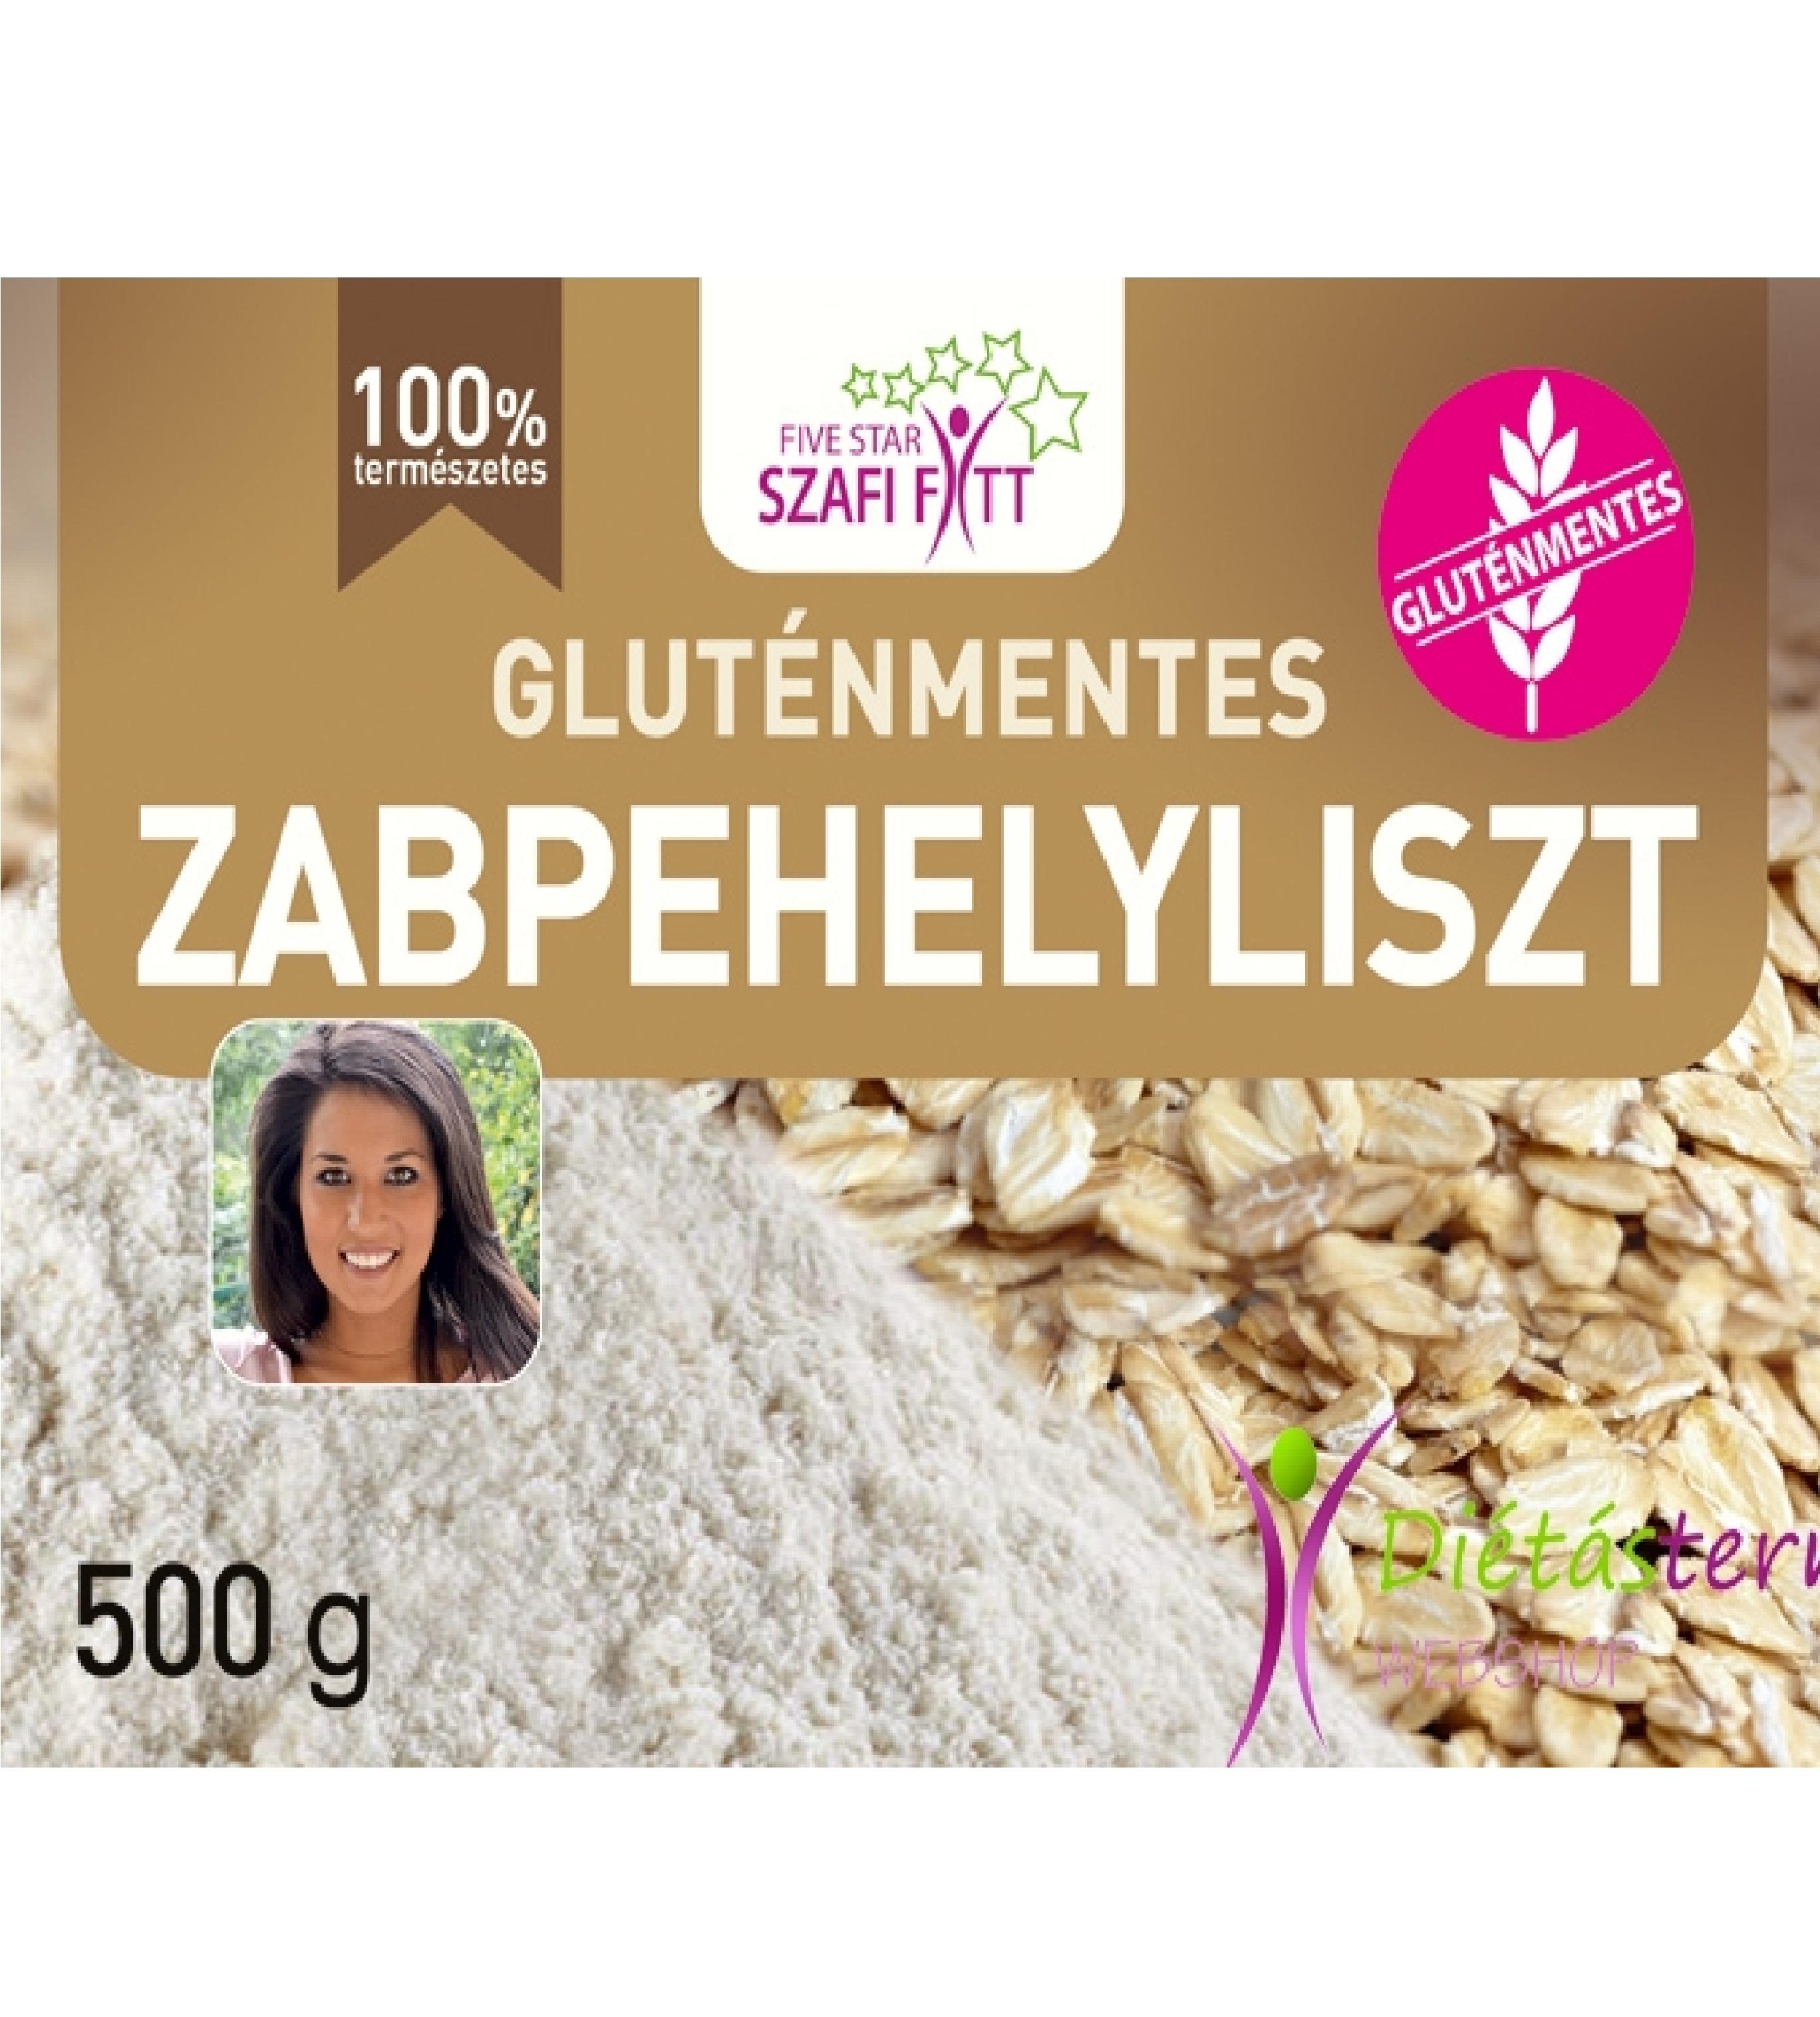 Glutenfree oatmeal flour 500g